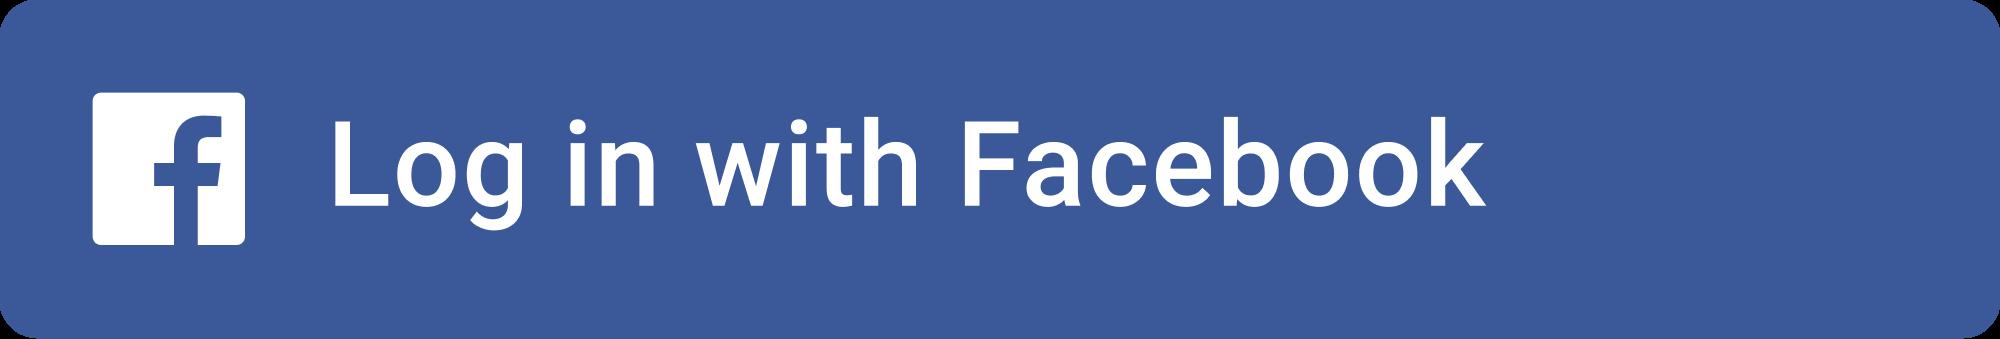 Smart control: Facebook login